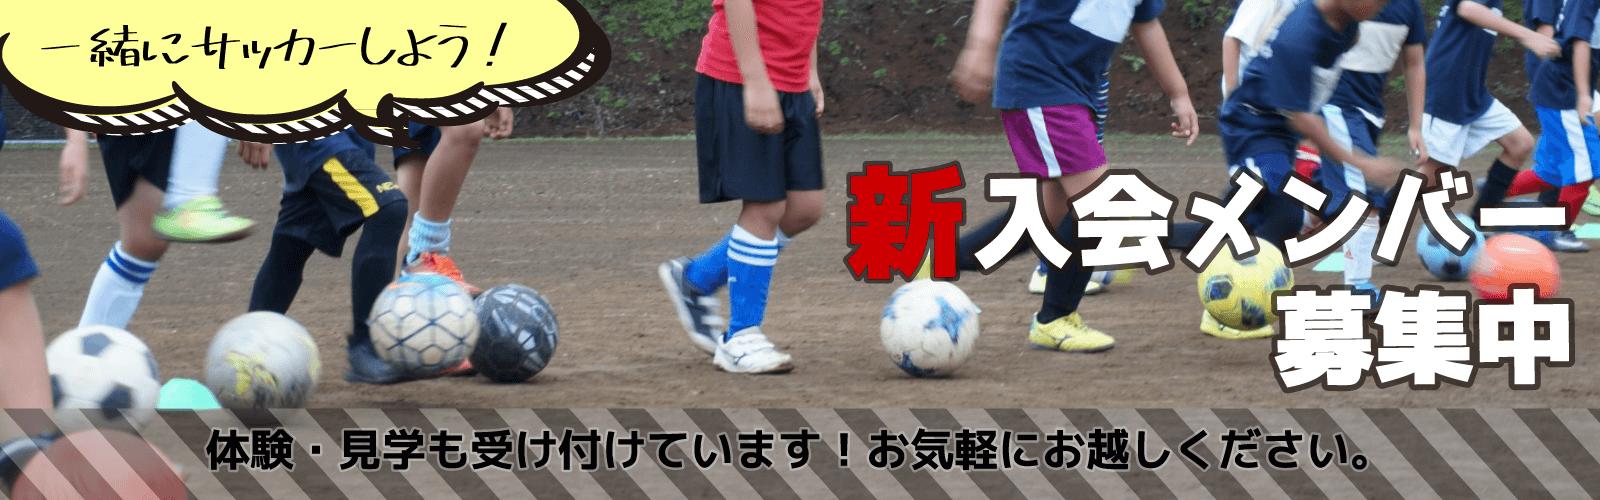 つばさサッカークラブ